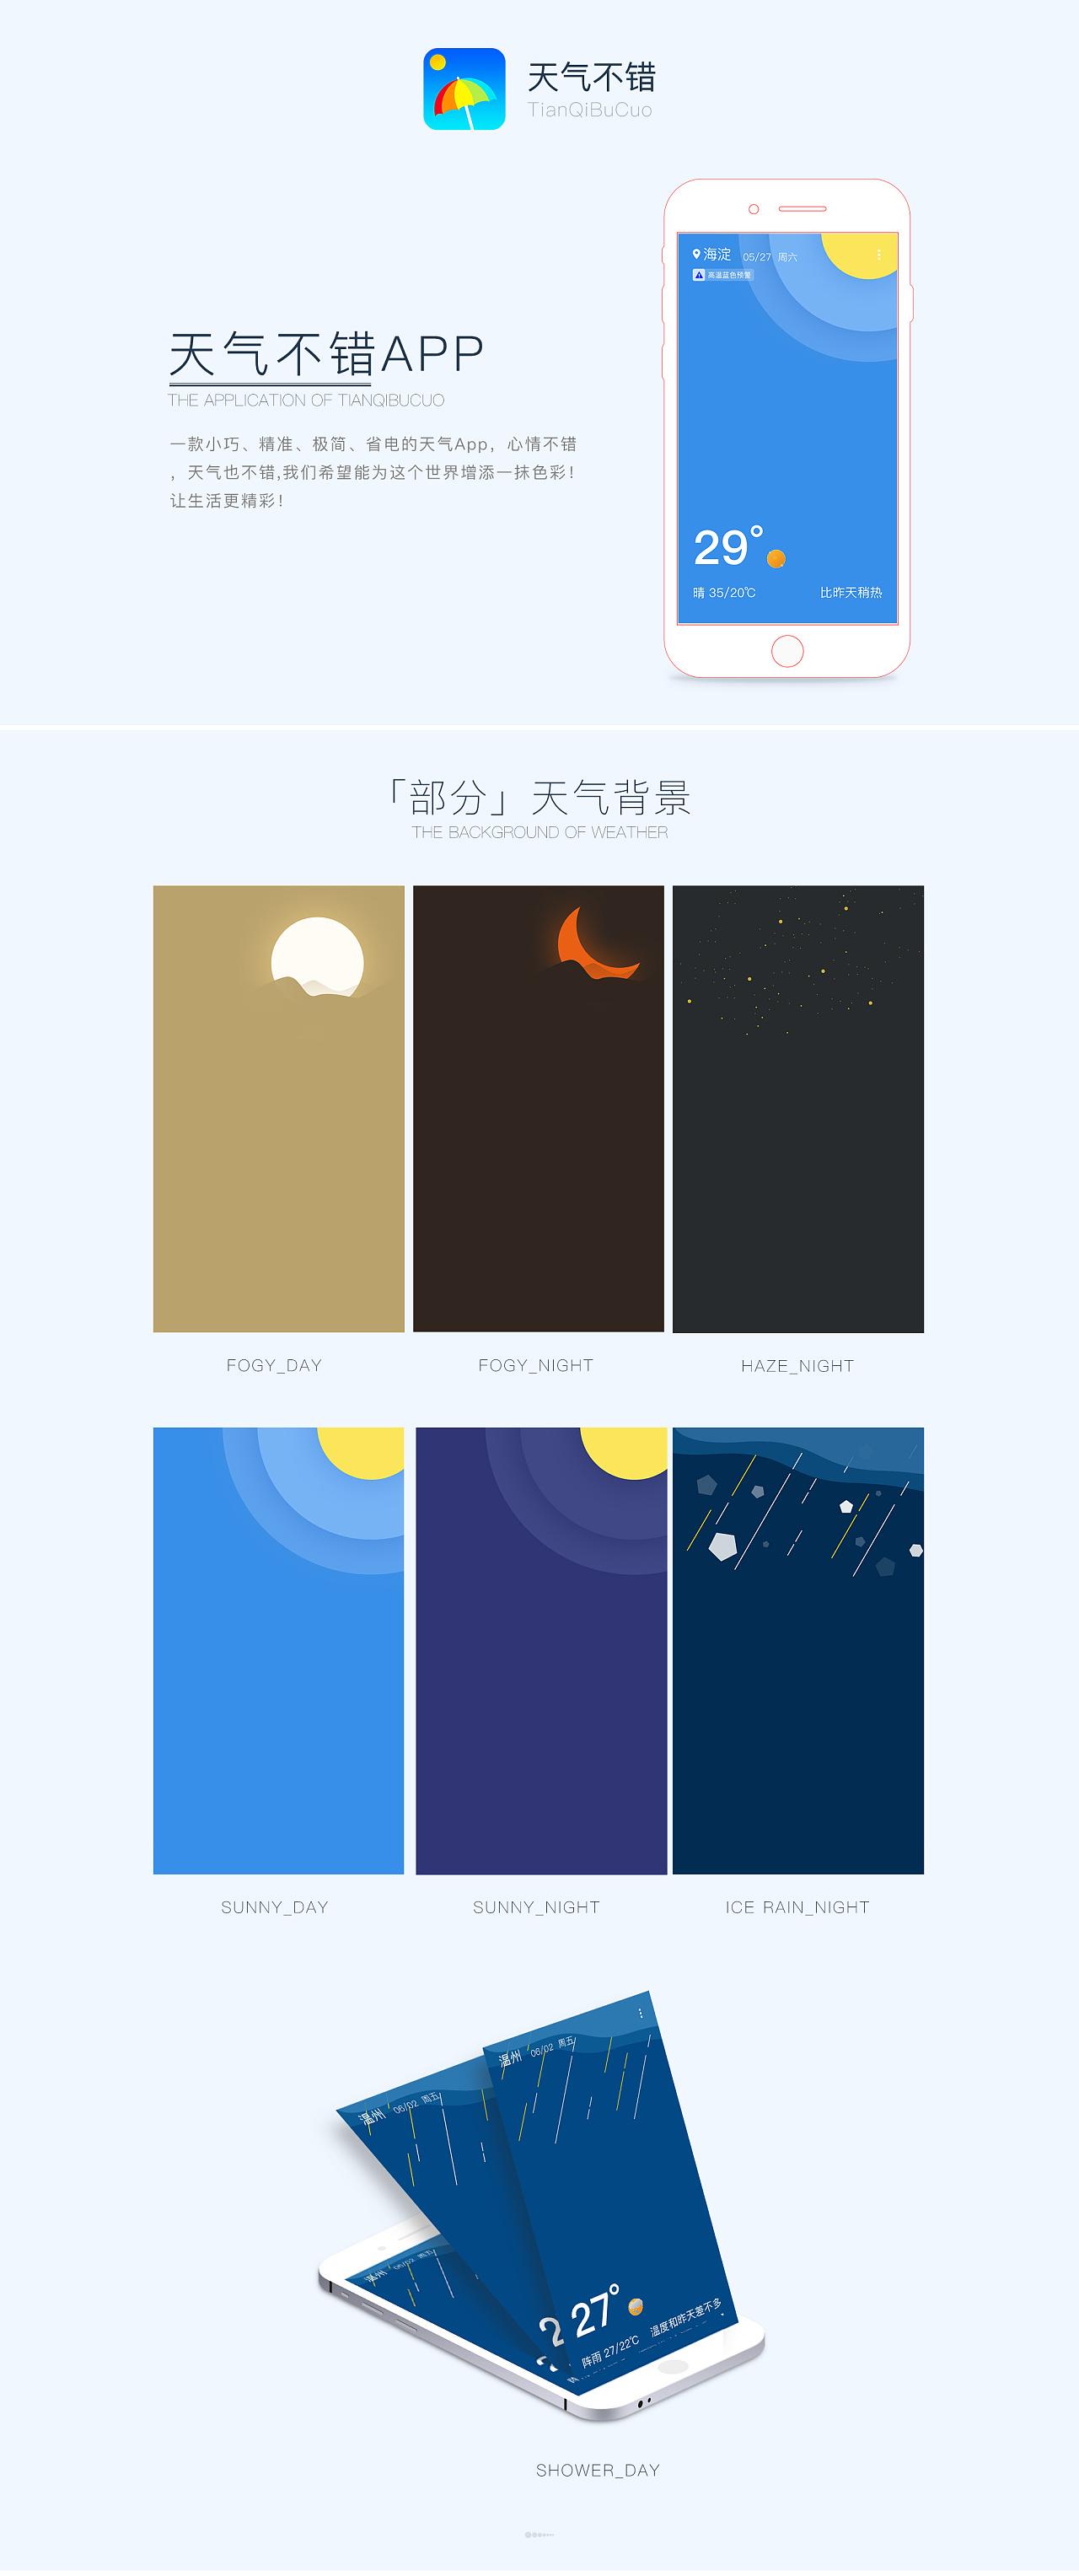 天气最美--有别于技能天气不错天气中国平面设计要掌握的墨迹图片